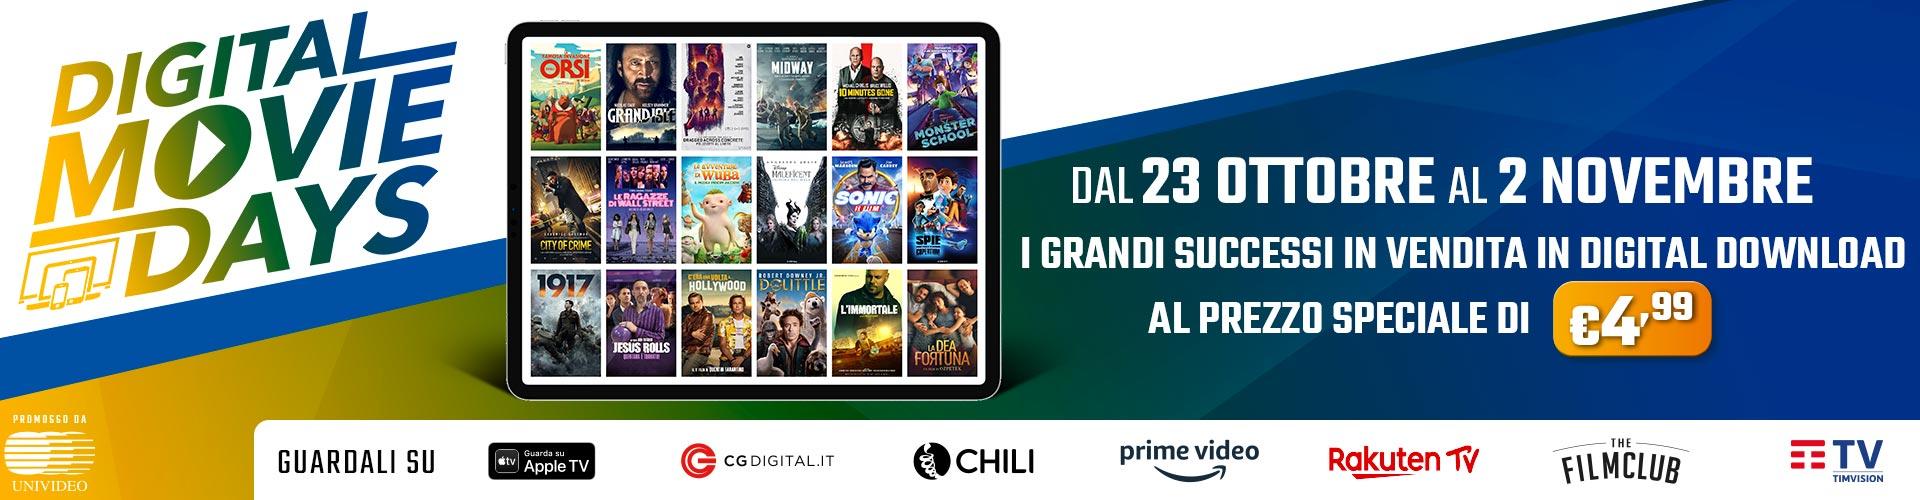 Digital Movie Days lancio